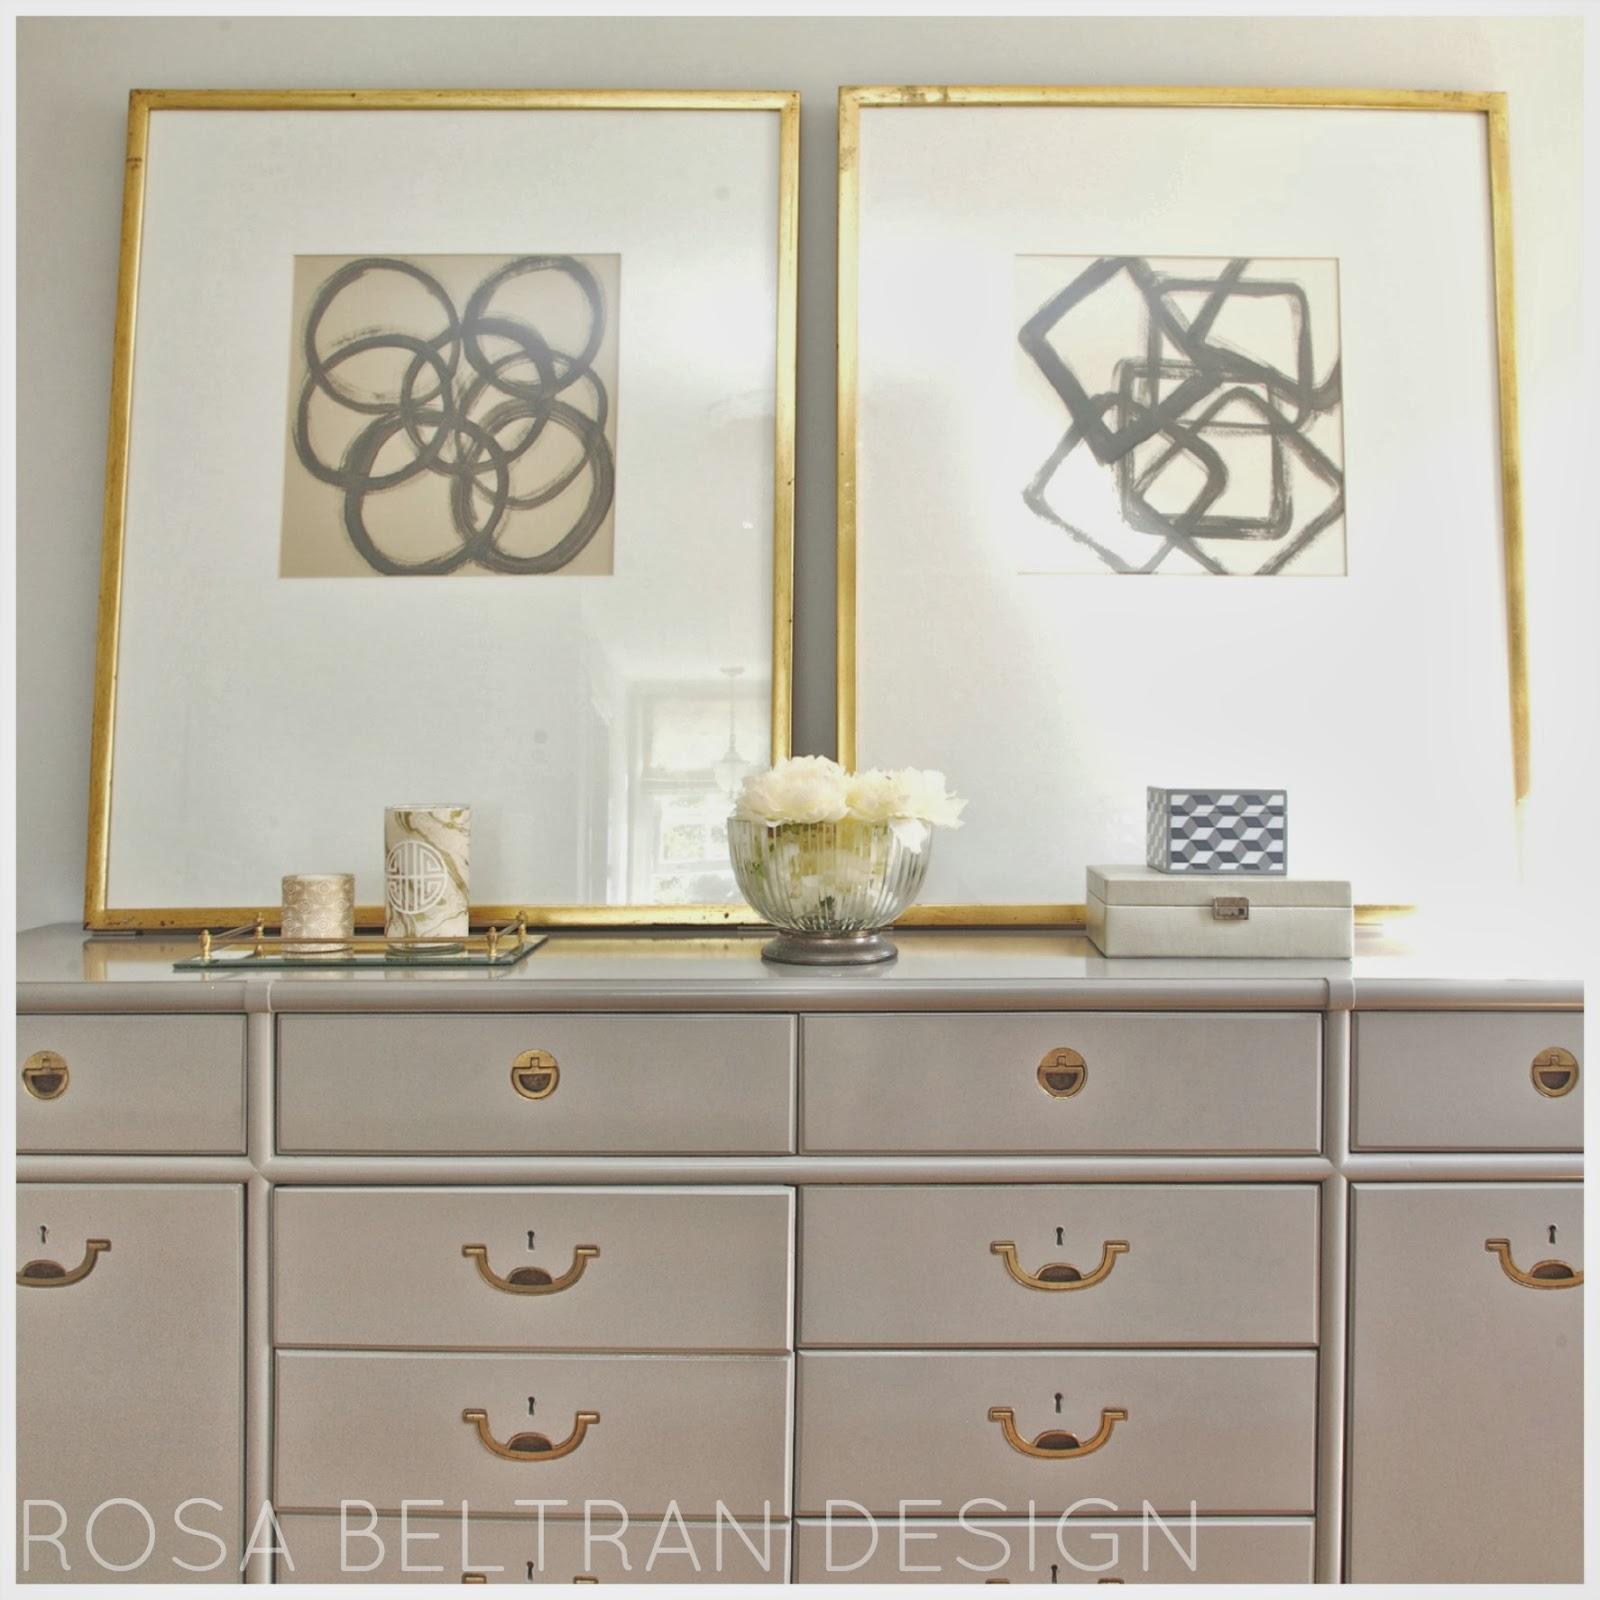 Rosa Beltran Design: DIY WALL ART SERIES: MODERN ABSTRACTS